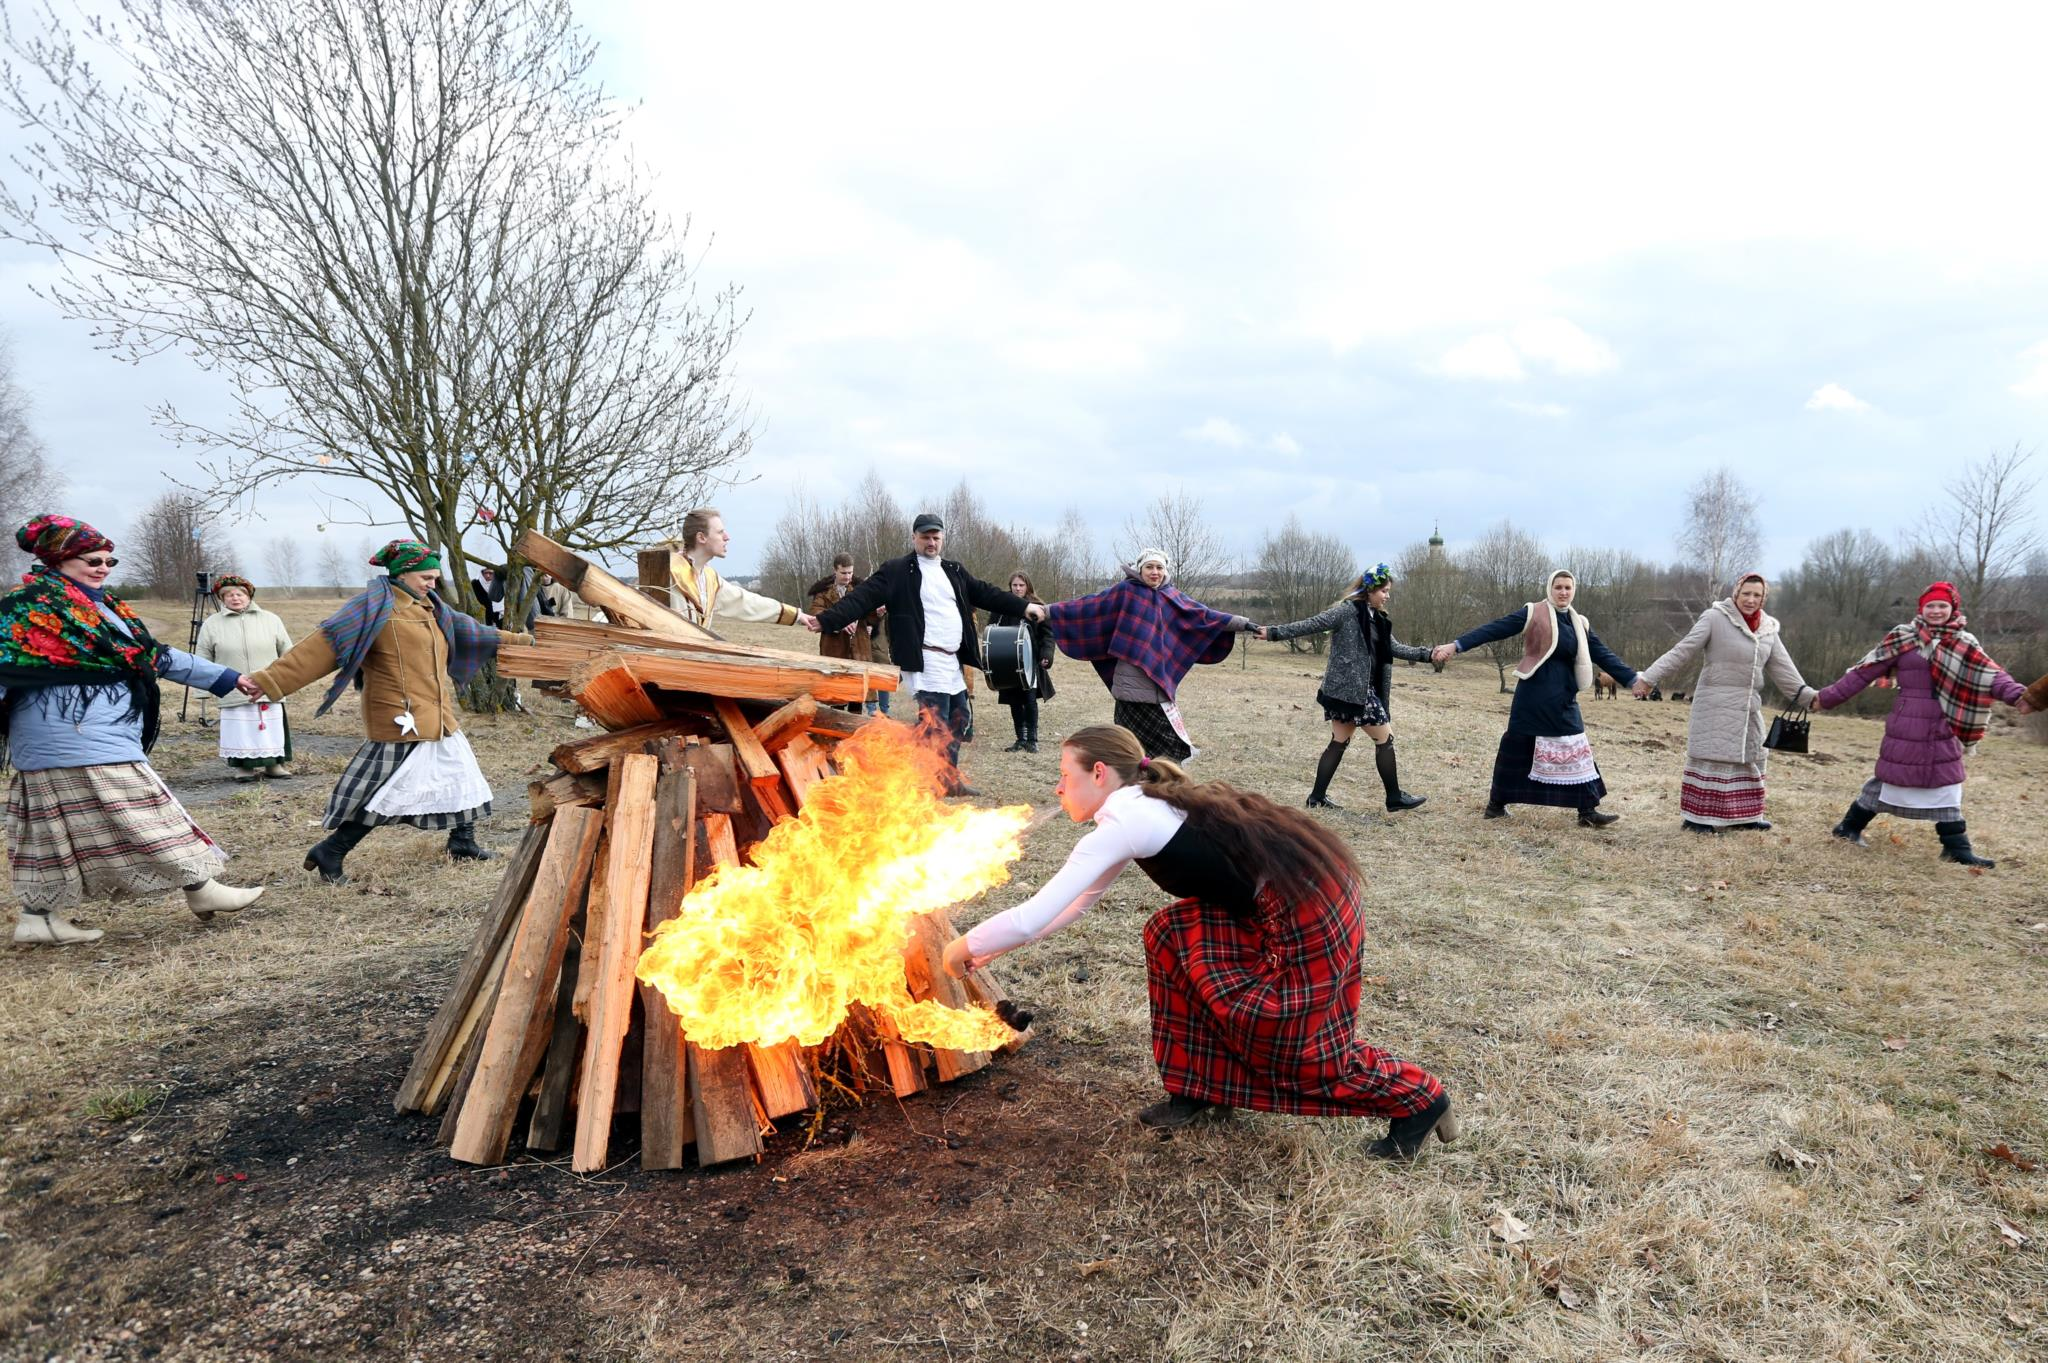 Celebrações de boas-vindas à Primavera na Bielorrússia